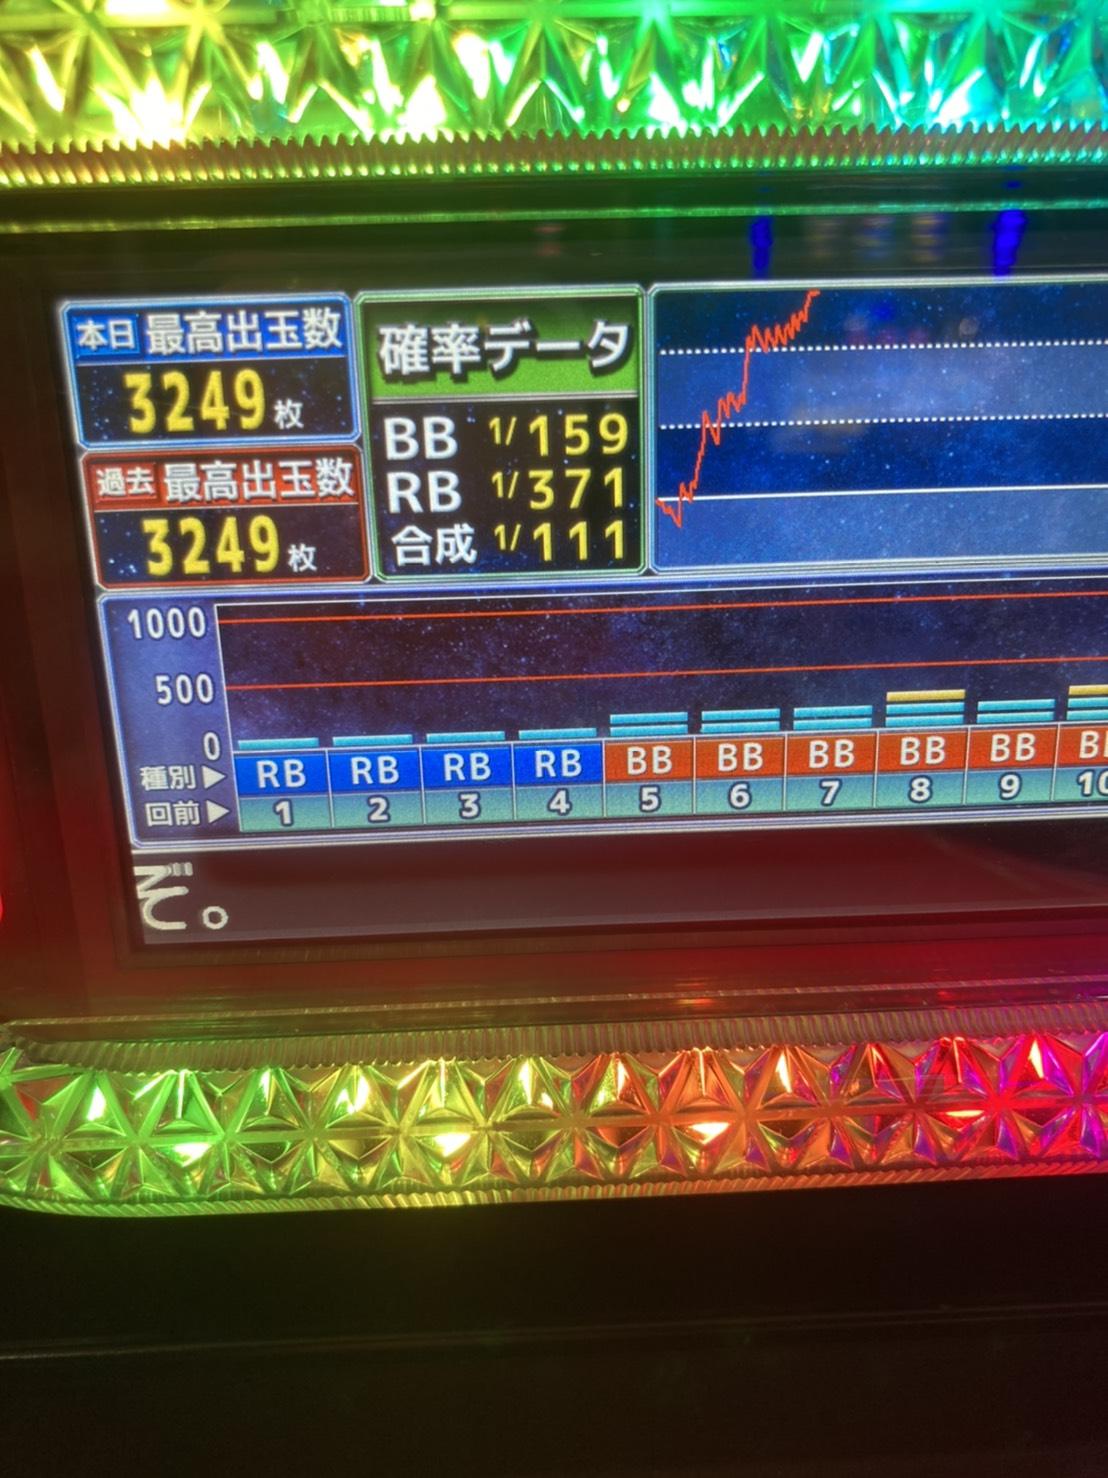 63c18cfb6a89d84ae3f25c1510f16c0f8f6a0a35